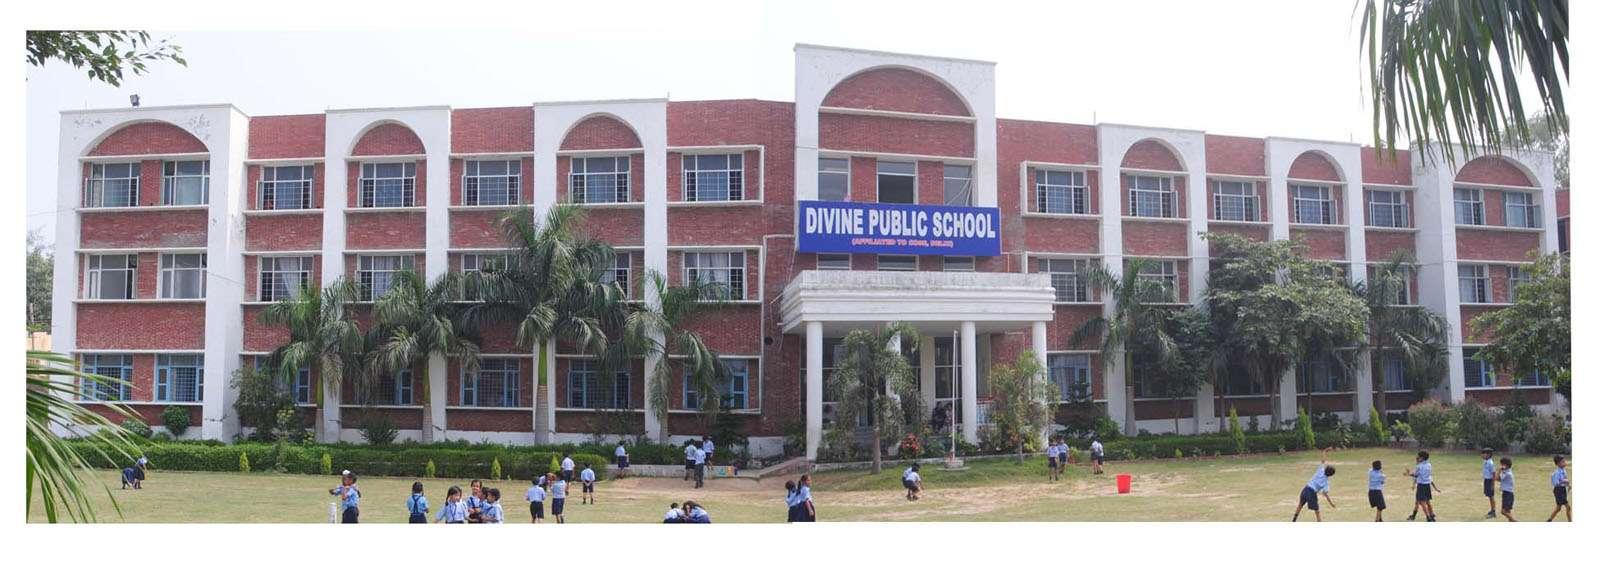 DIVINE PUBLIC SCHOOL LADWA ROAD SHAHBAD M 530937